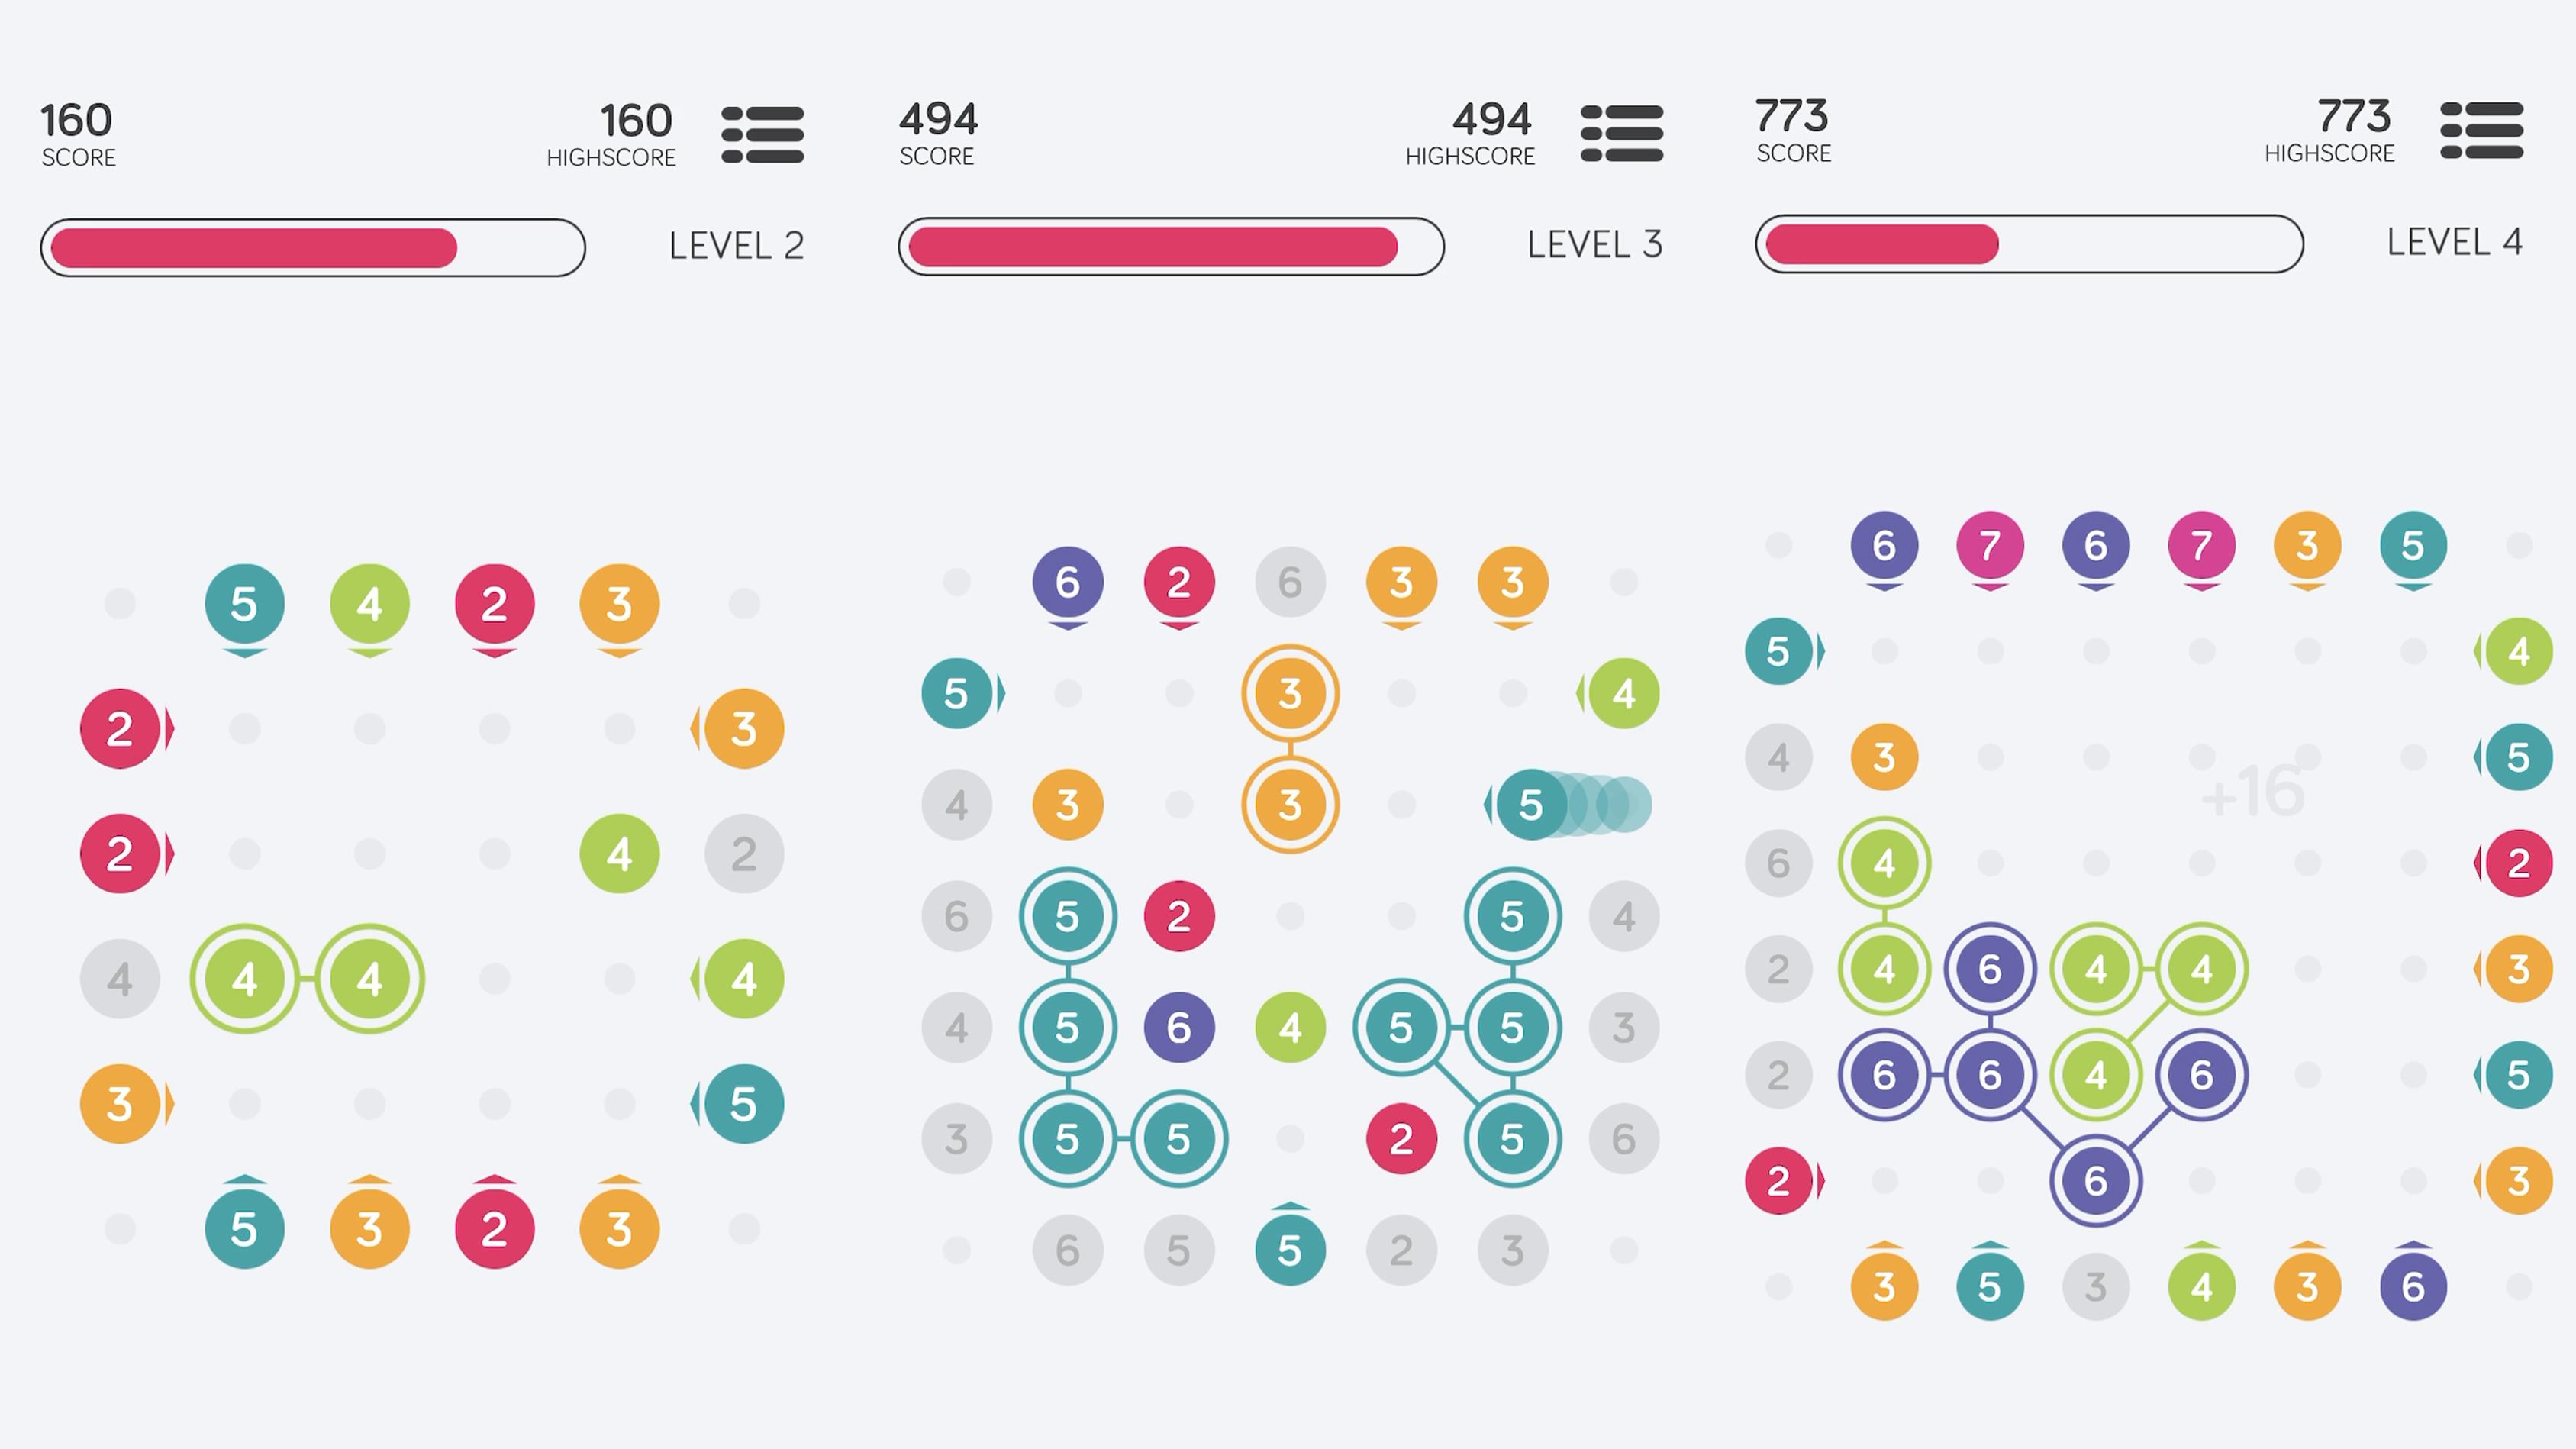 Screenshots showing 10™